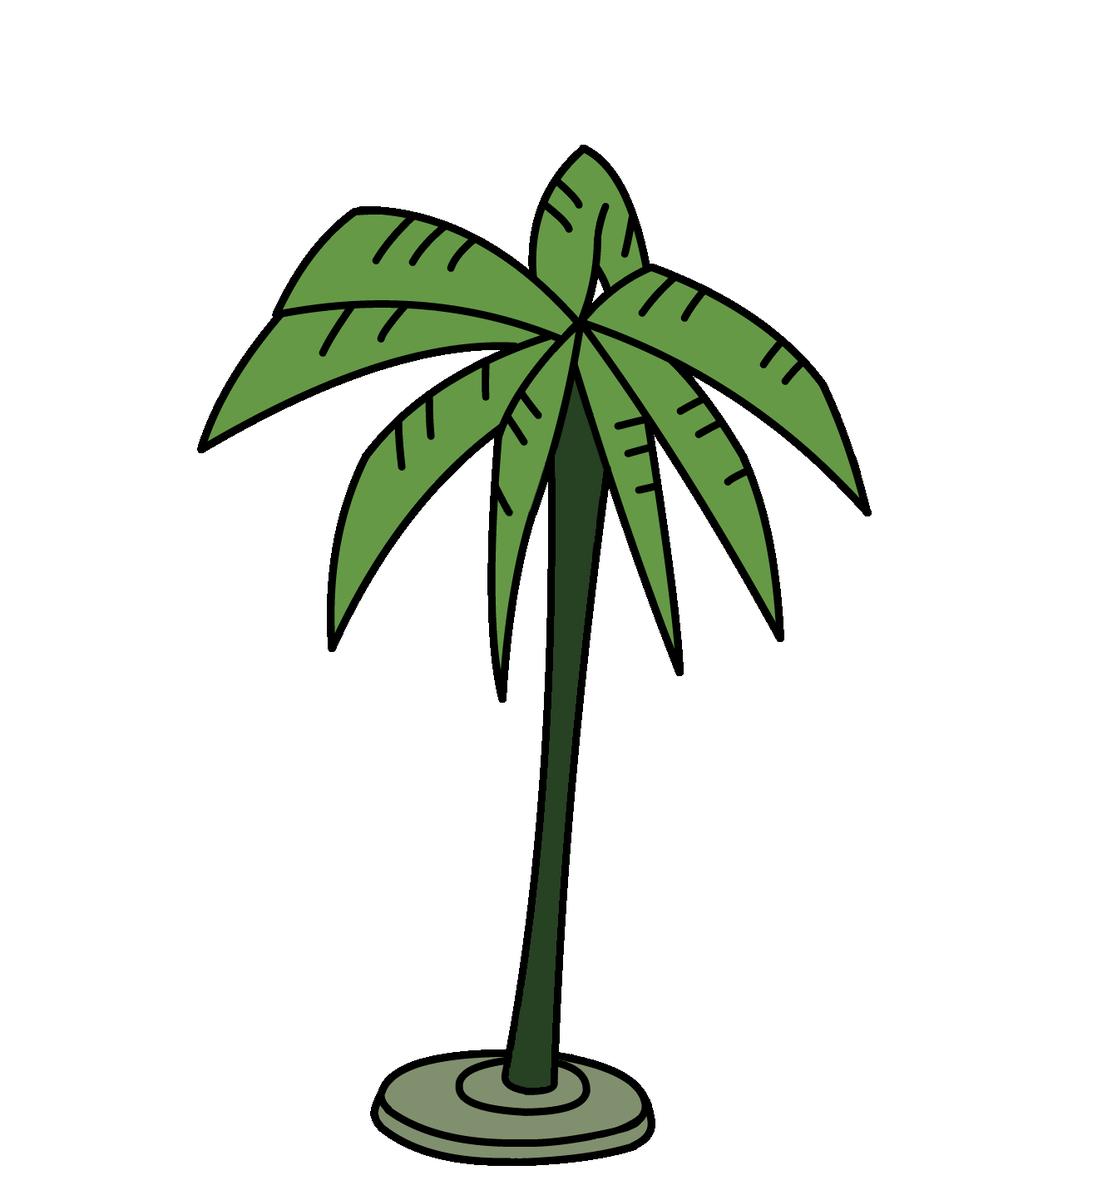 聖剣使いの禁呪詠唱 第二話で登場した「そのためのヤシの木」ことすっげぇ雑なヤシの木の素材ですご自由にお使いください